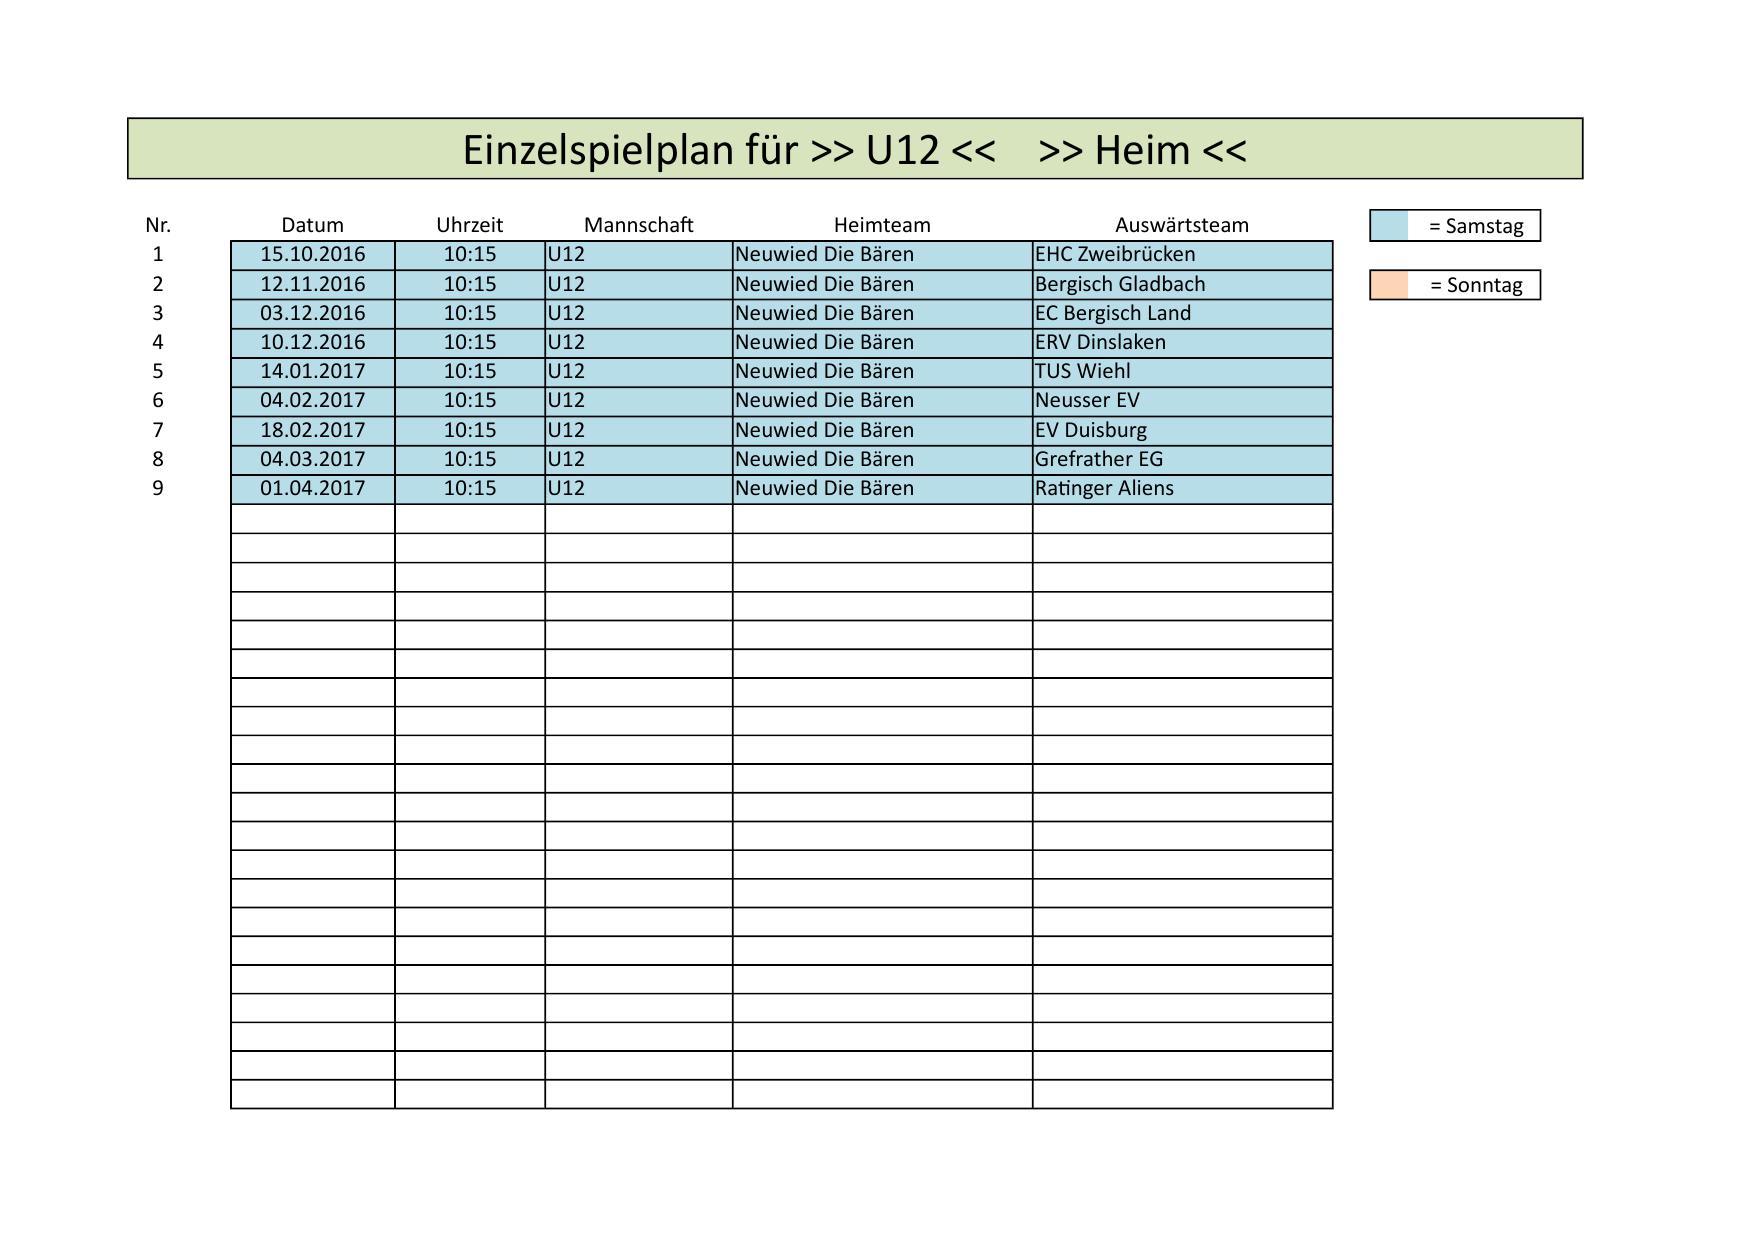 u12_heim-pdf_000002